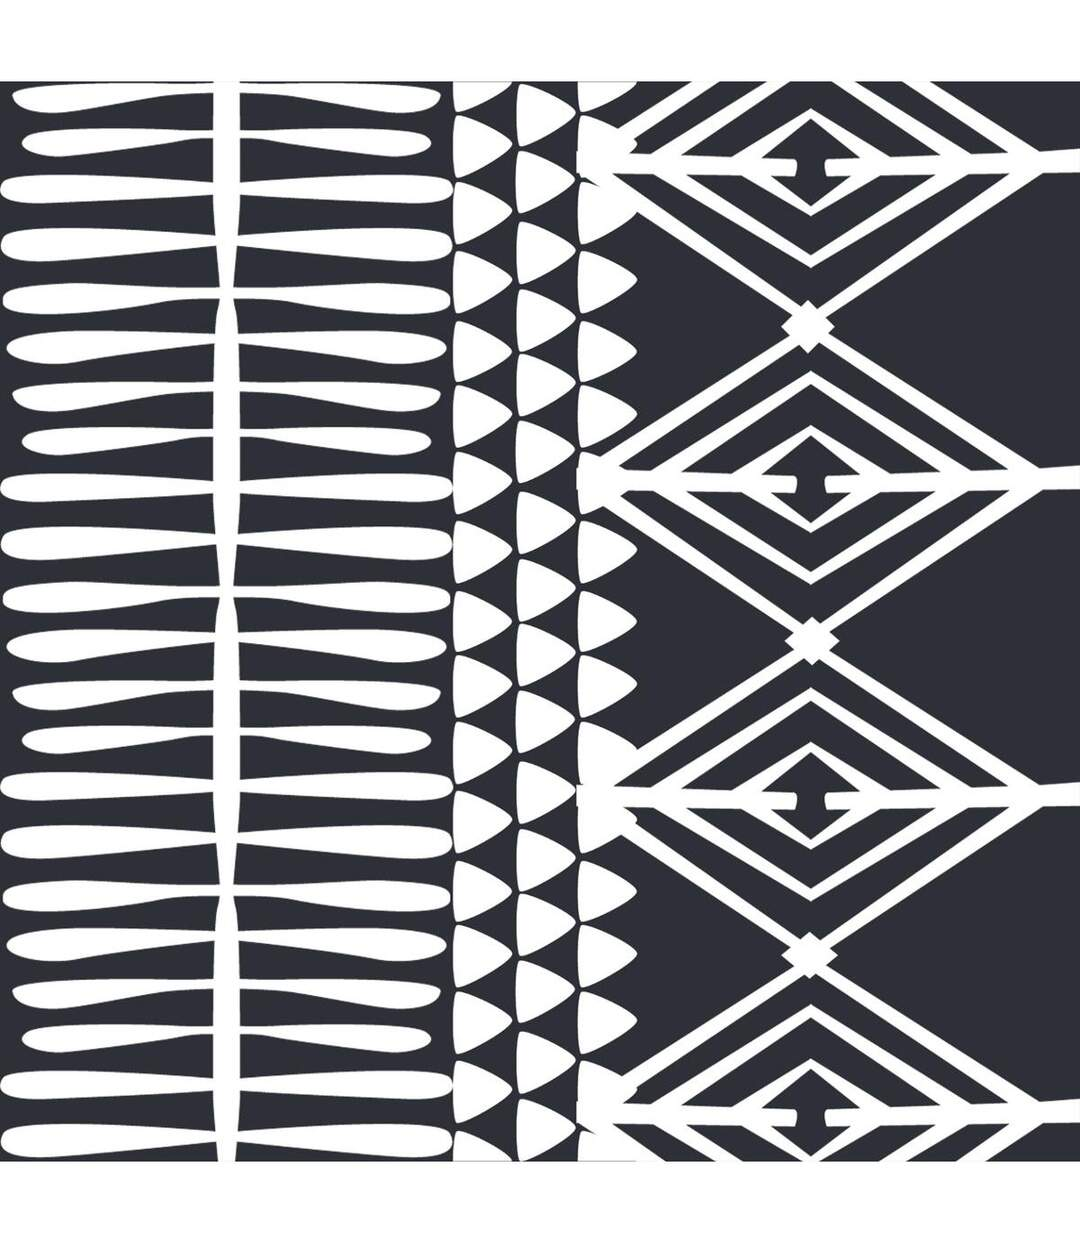 Atmosphera - Parure de lit 2 Personnes 240 x 220 cm Housse de couette avec 2 taies Imprimé Rayure Noir et Blanc